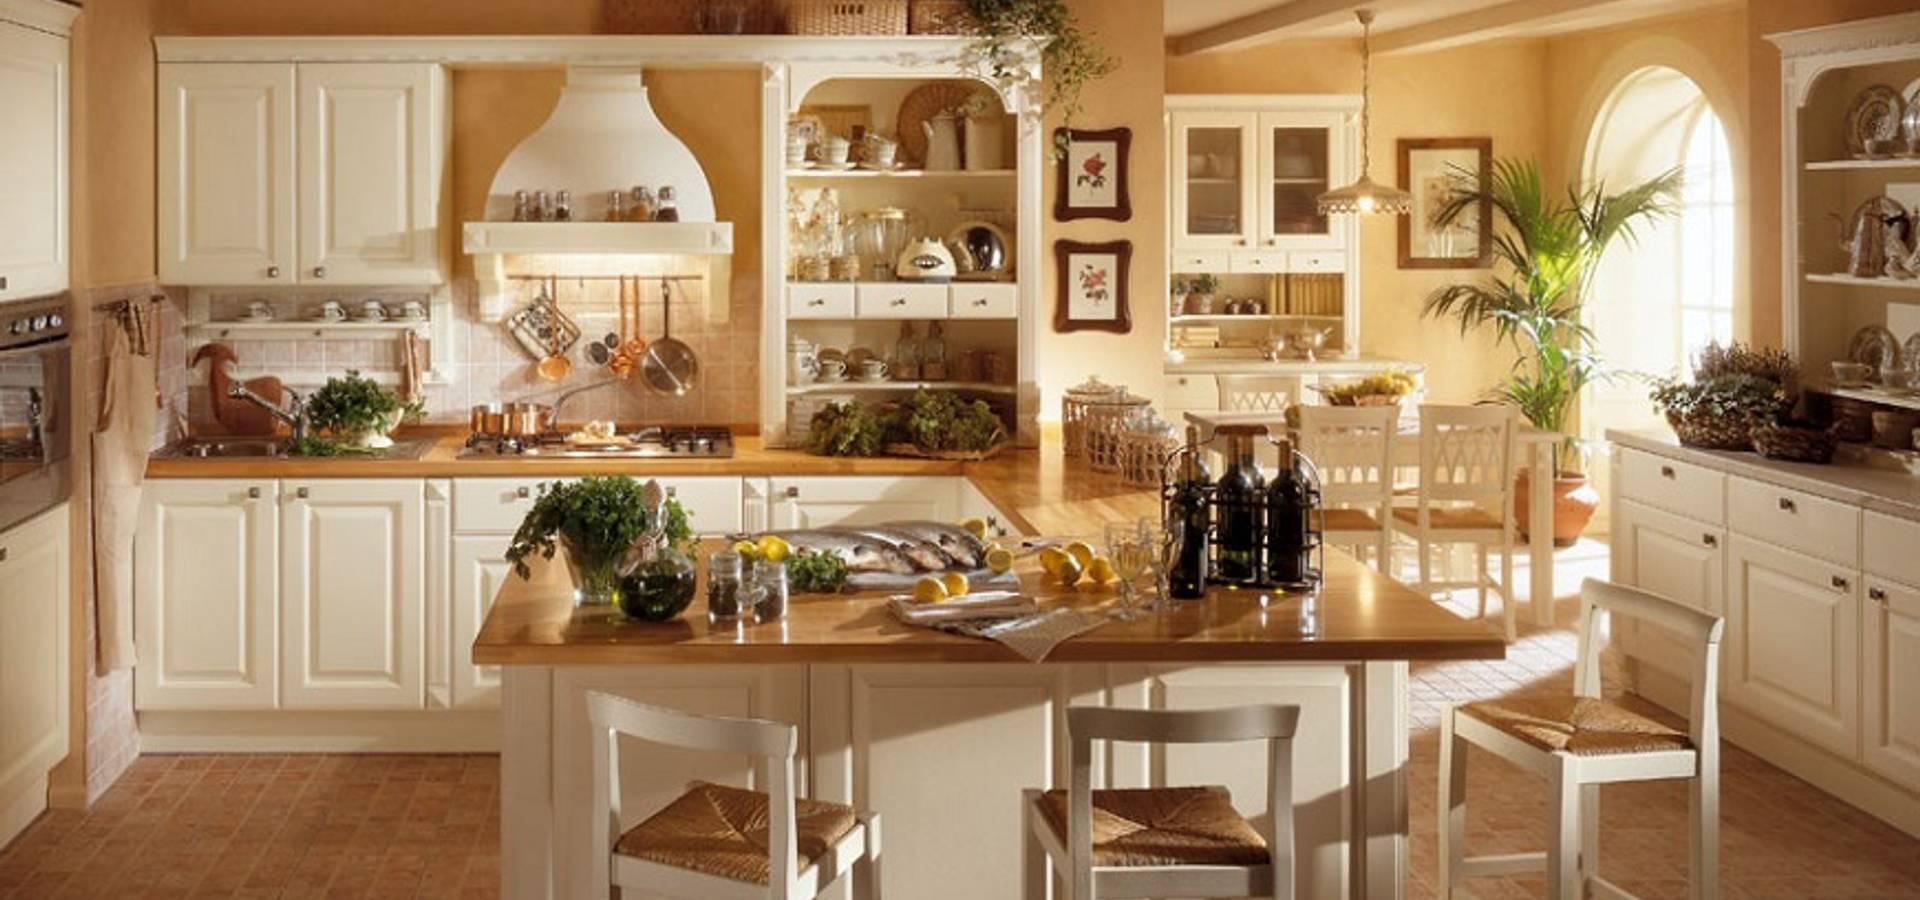 Arredamenti roma mobili accessori a roma homify for Accessori cucina arredamento